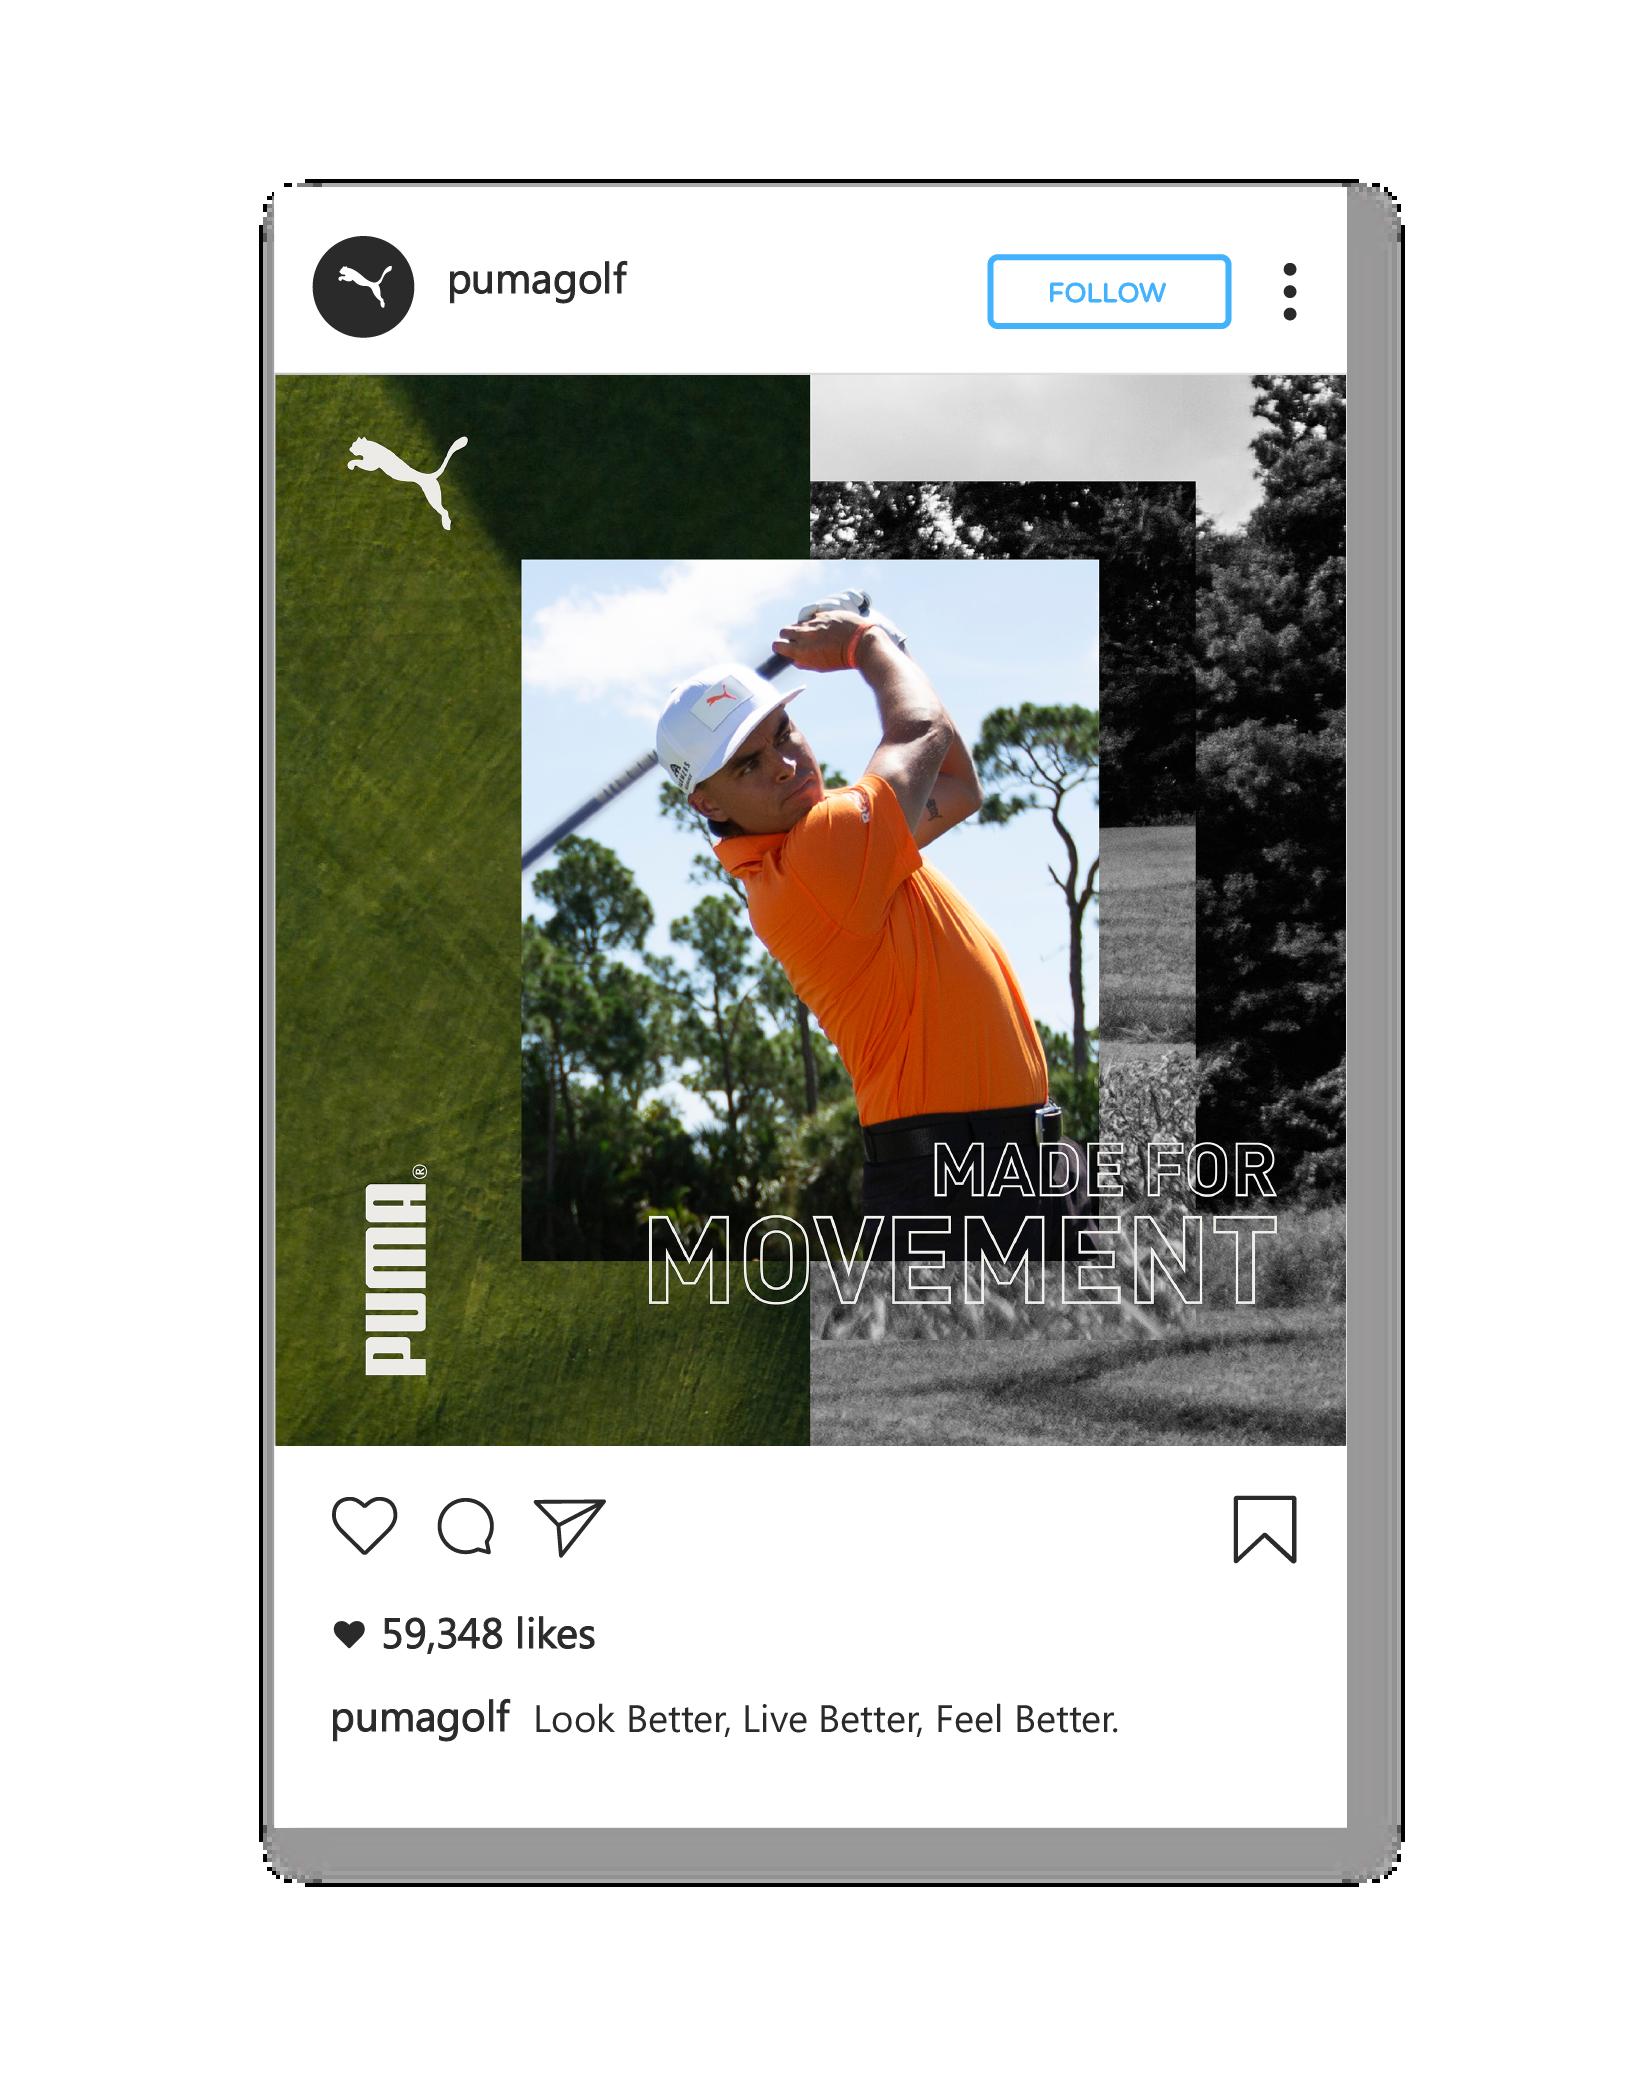 puma_golf_social-04.png